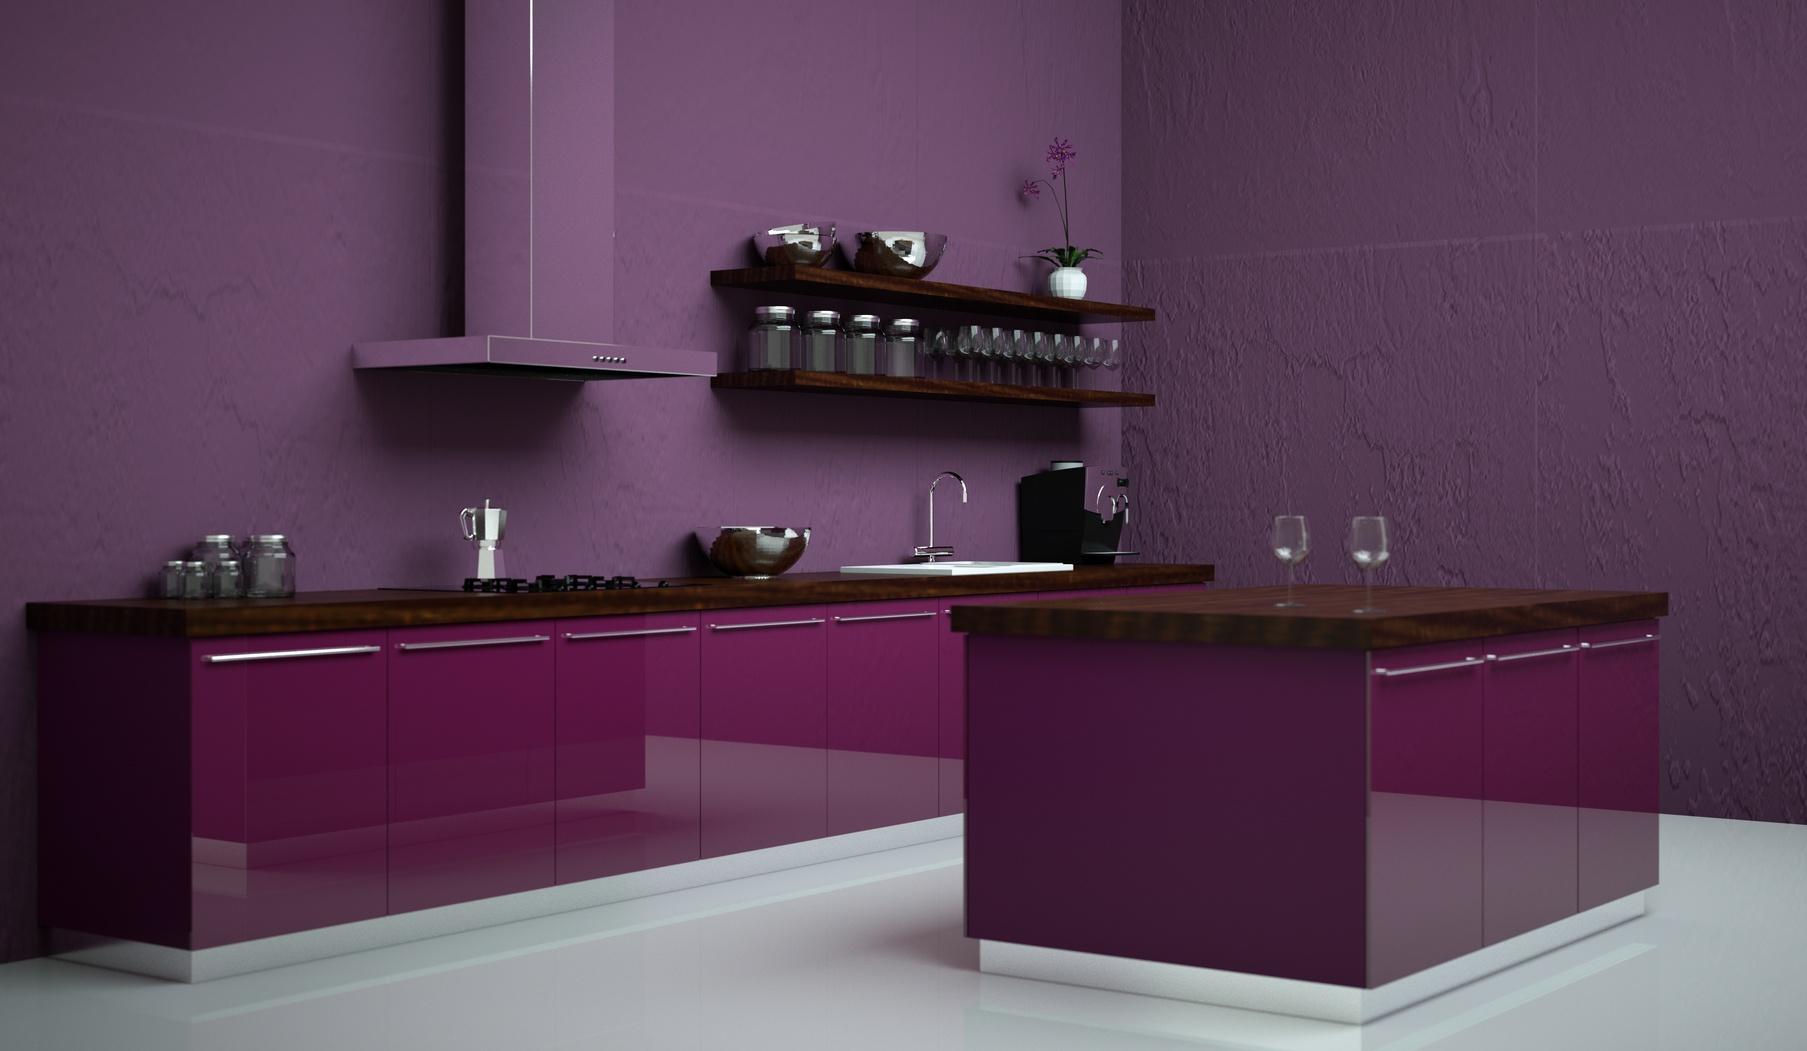 Beeindruckend Pinke Küche Beste Wahl Zweizeilige Hochglanzküche In Pink